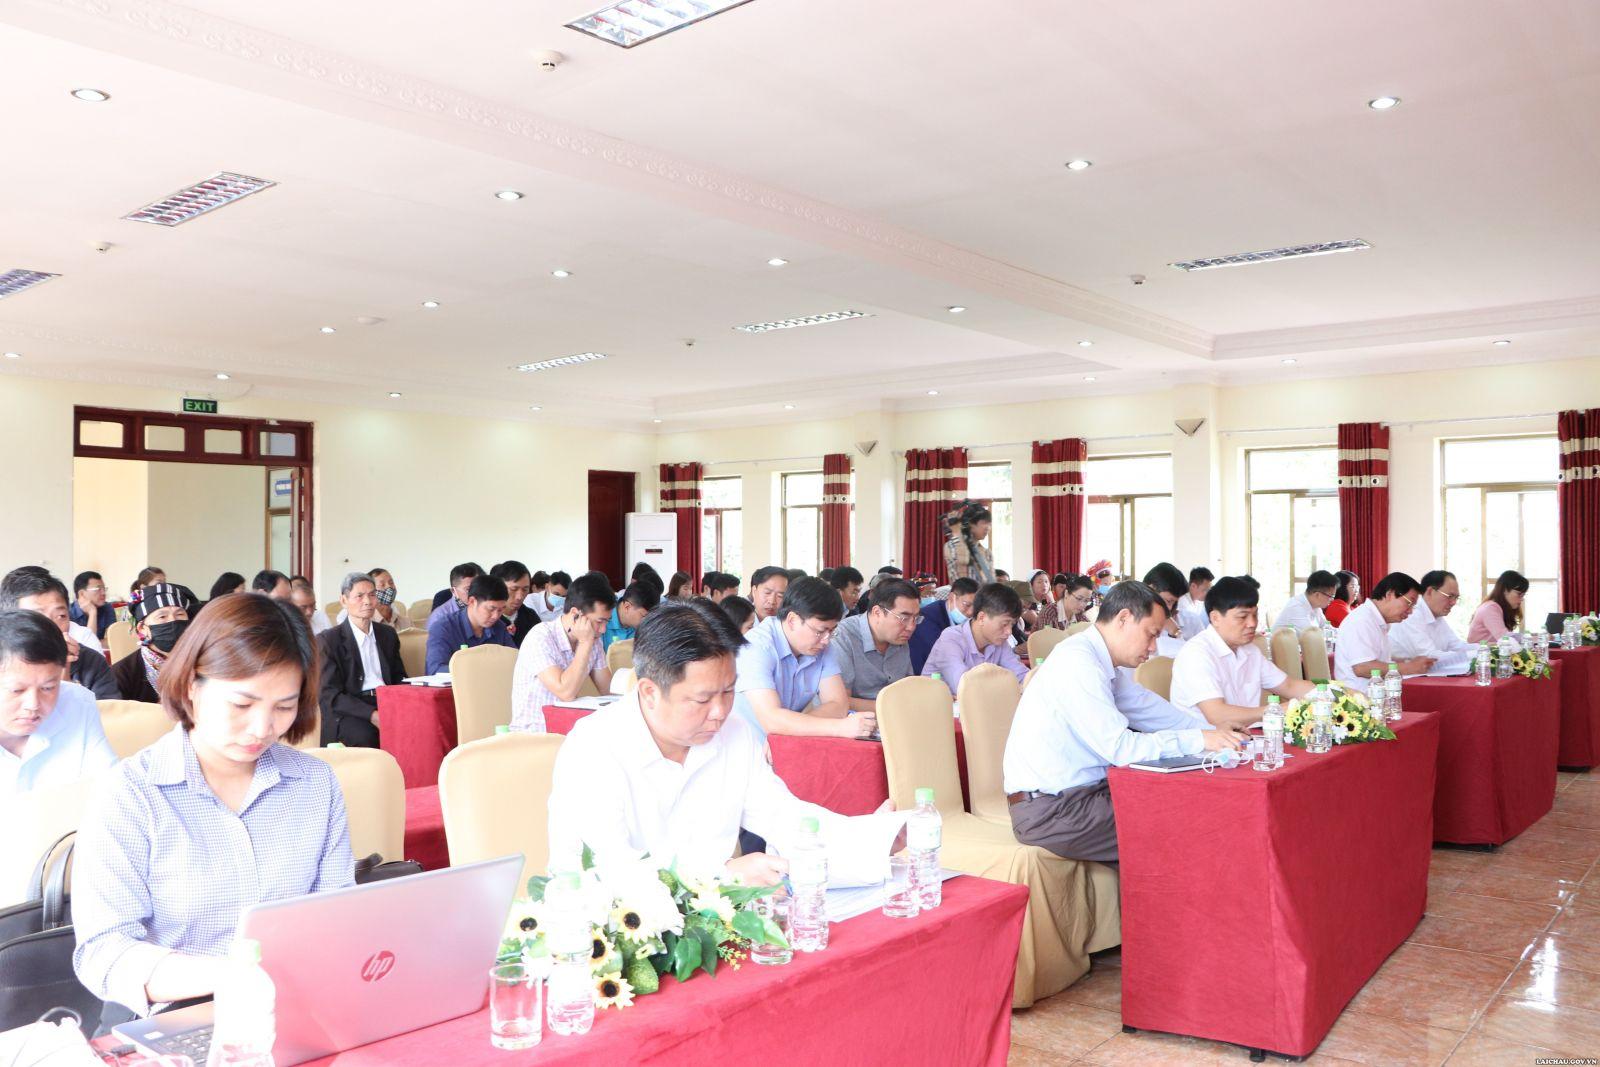 Tọa đàm về một số chính sách hỗ trợ bảo tồn, phát huy bản sắc văn hóa truyền thống tốt đẹp của các dân tộc và khuyến khích phát triển du lịch trên địa bàn tỉnh Lai Châu - Ảnh 2.